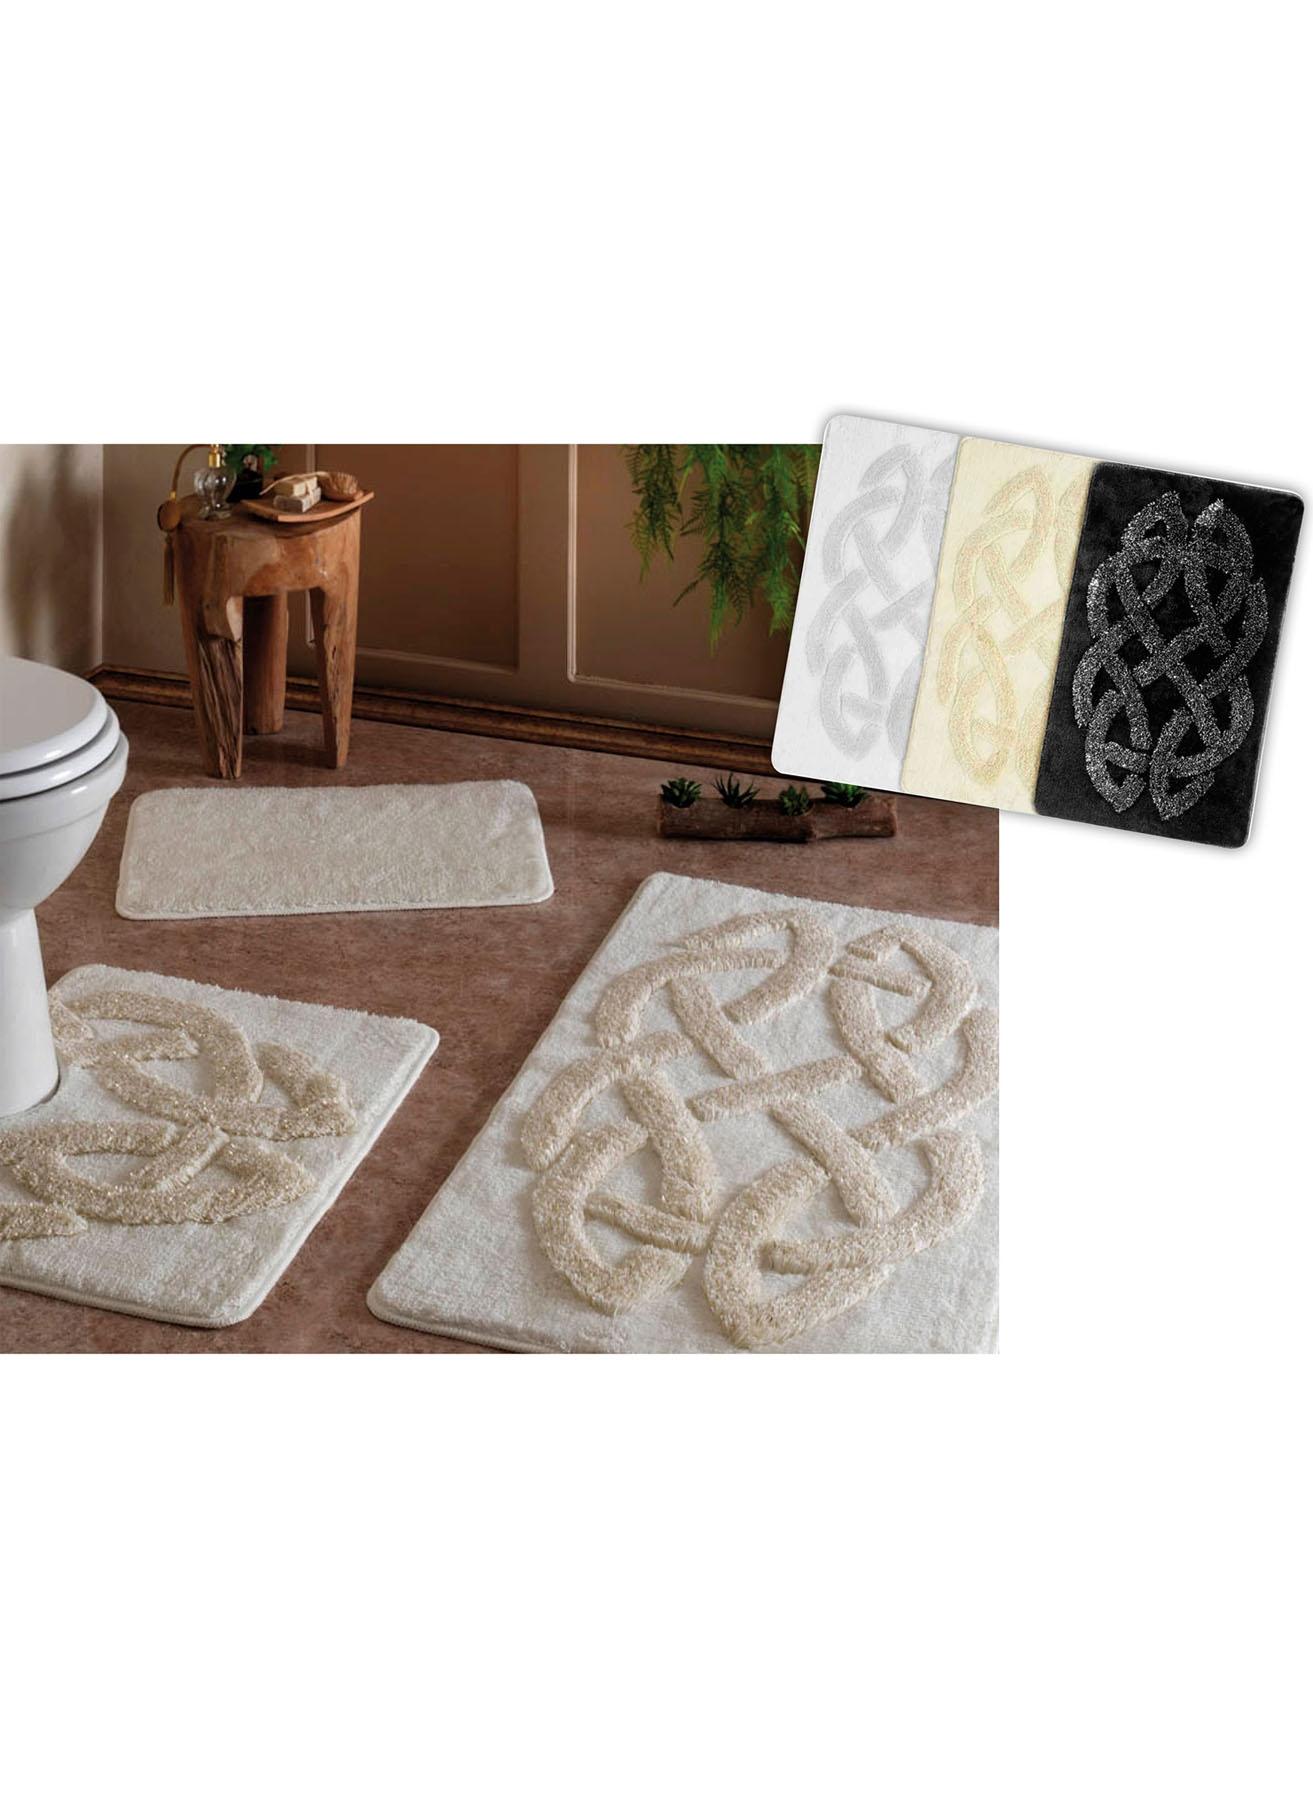 unisex Renksiz Taç Roselin Paspas Seti 5002007382001 Ev Banyo Ürünleri